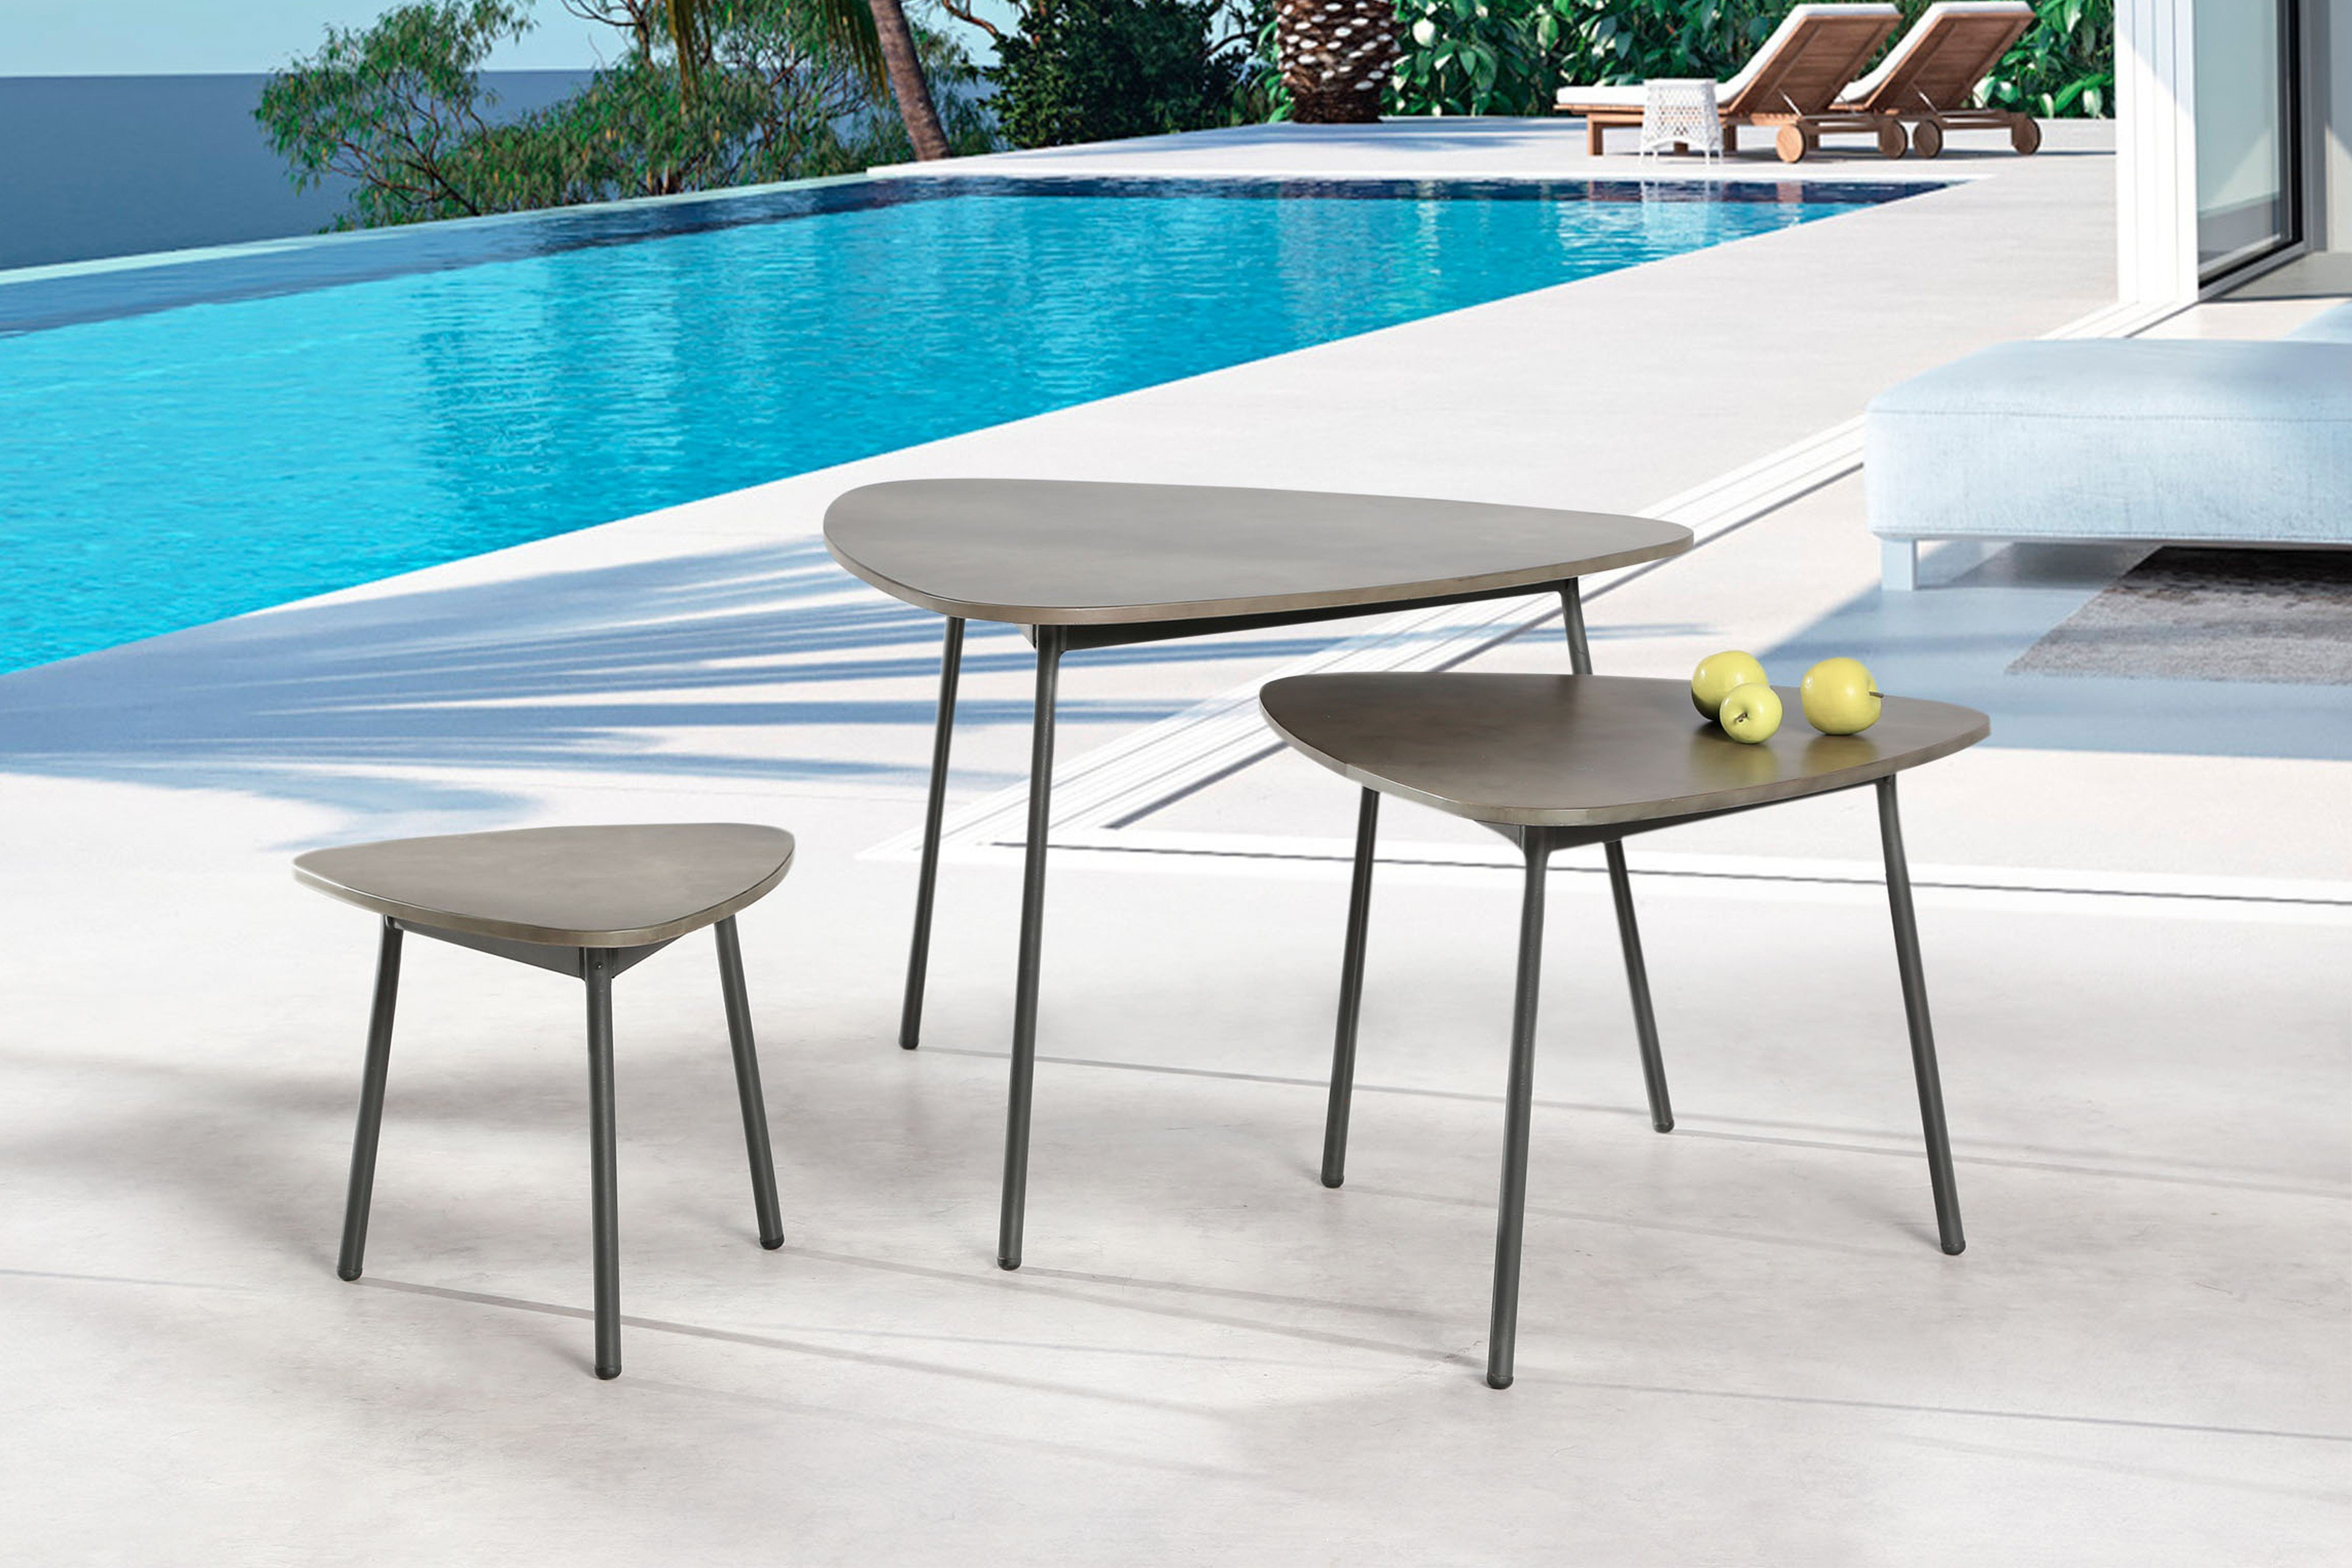 Andros Von Best Freizeitmöbel Beistelltisch Ca 55 Cm Hoch